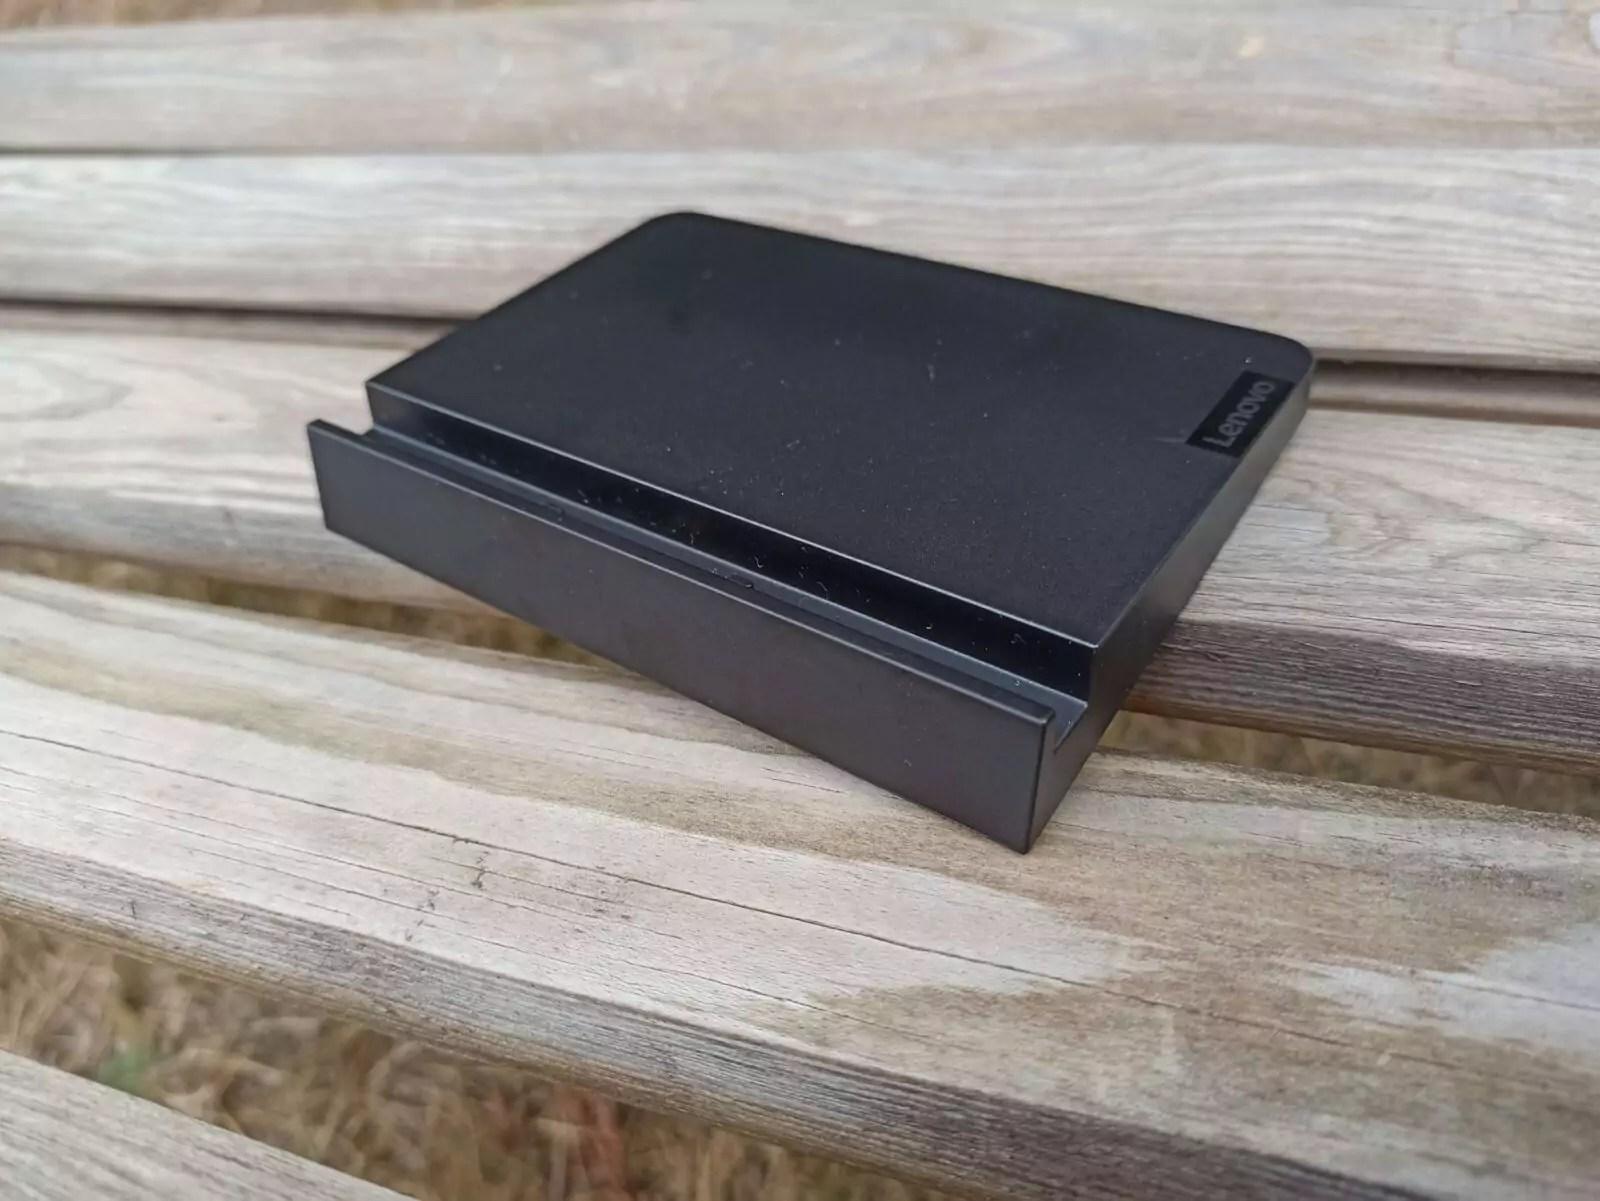 Lenovo-Tab-M10-FHD-Plus-2e-gn.-station-d-accueil-1